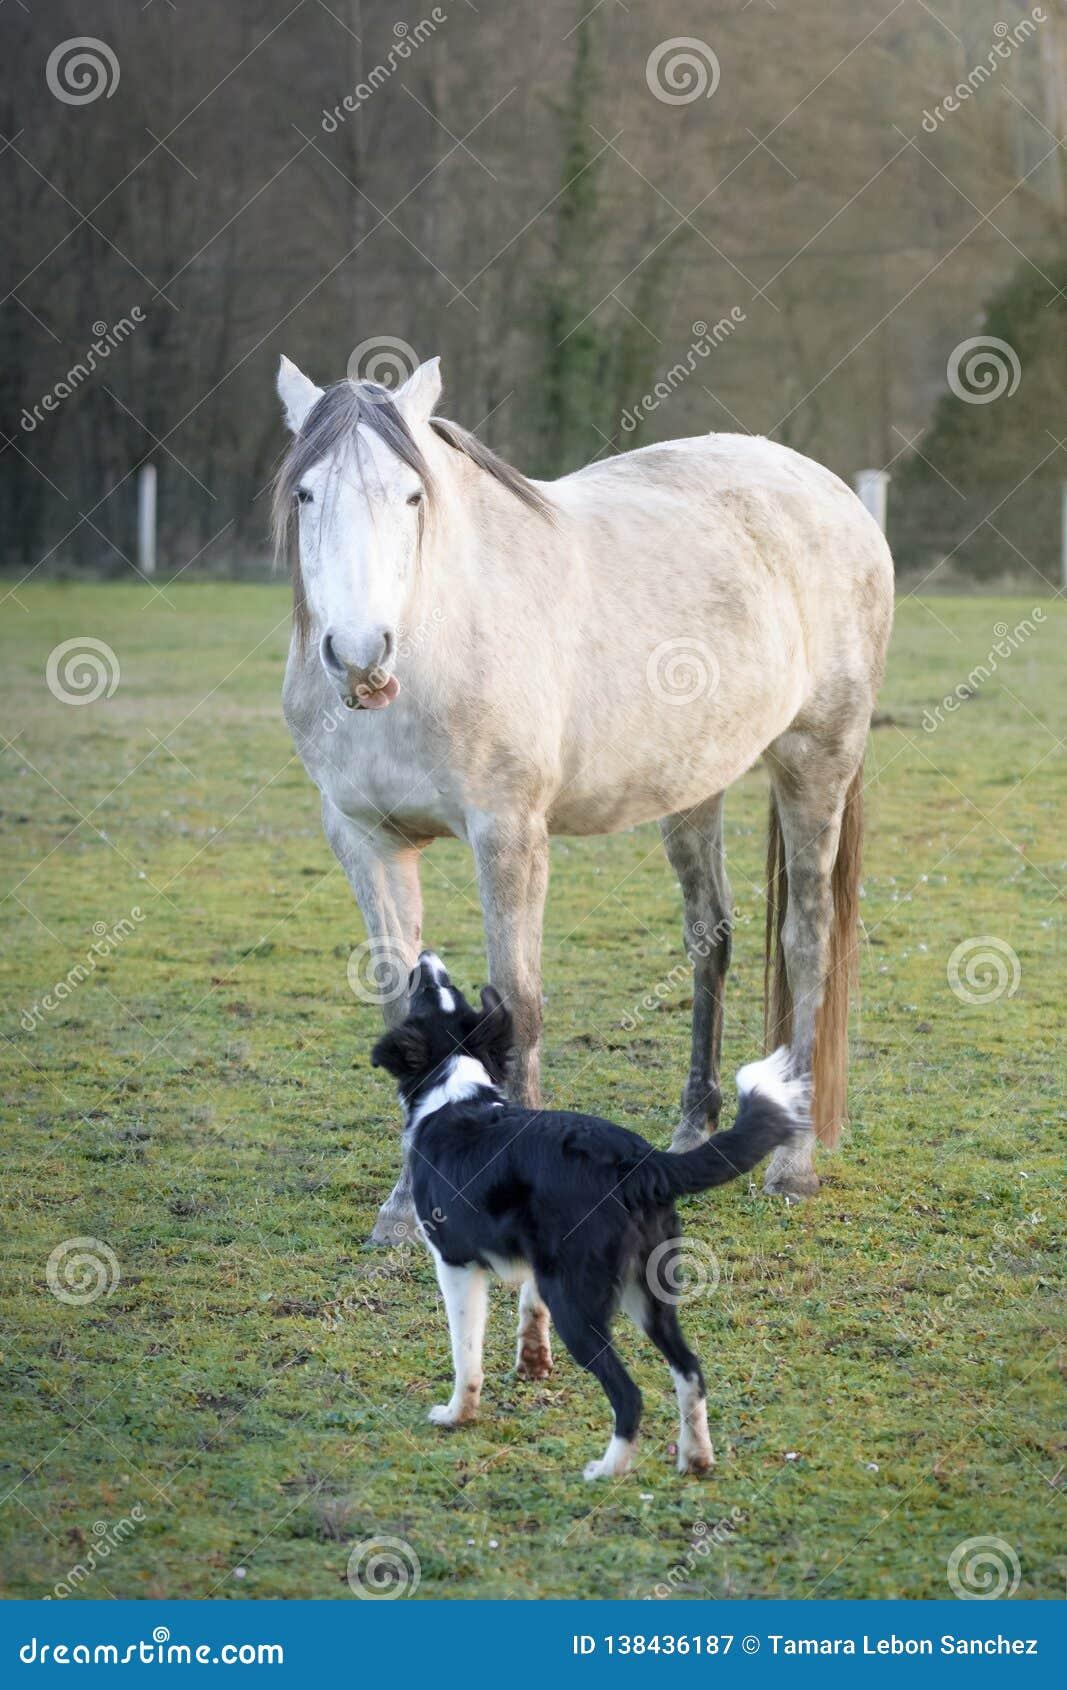 Lustiges spanisches Pferd, welches die Zunge zu einem Border collie-Welpen wirft, der bellt